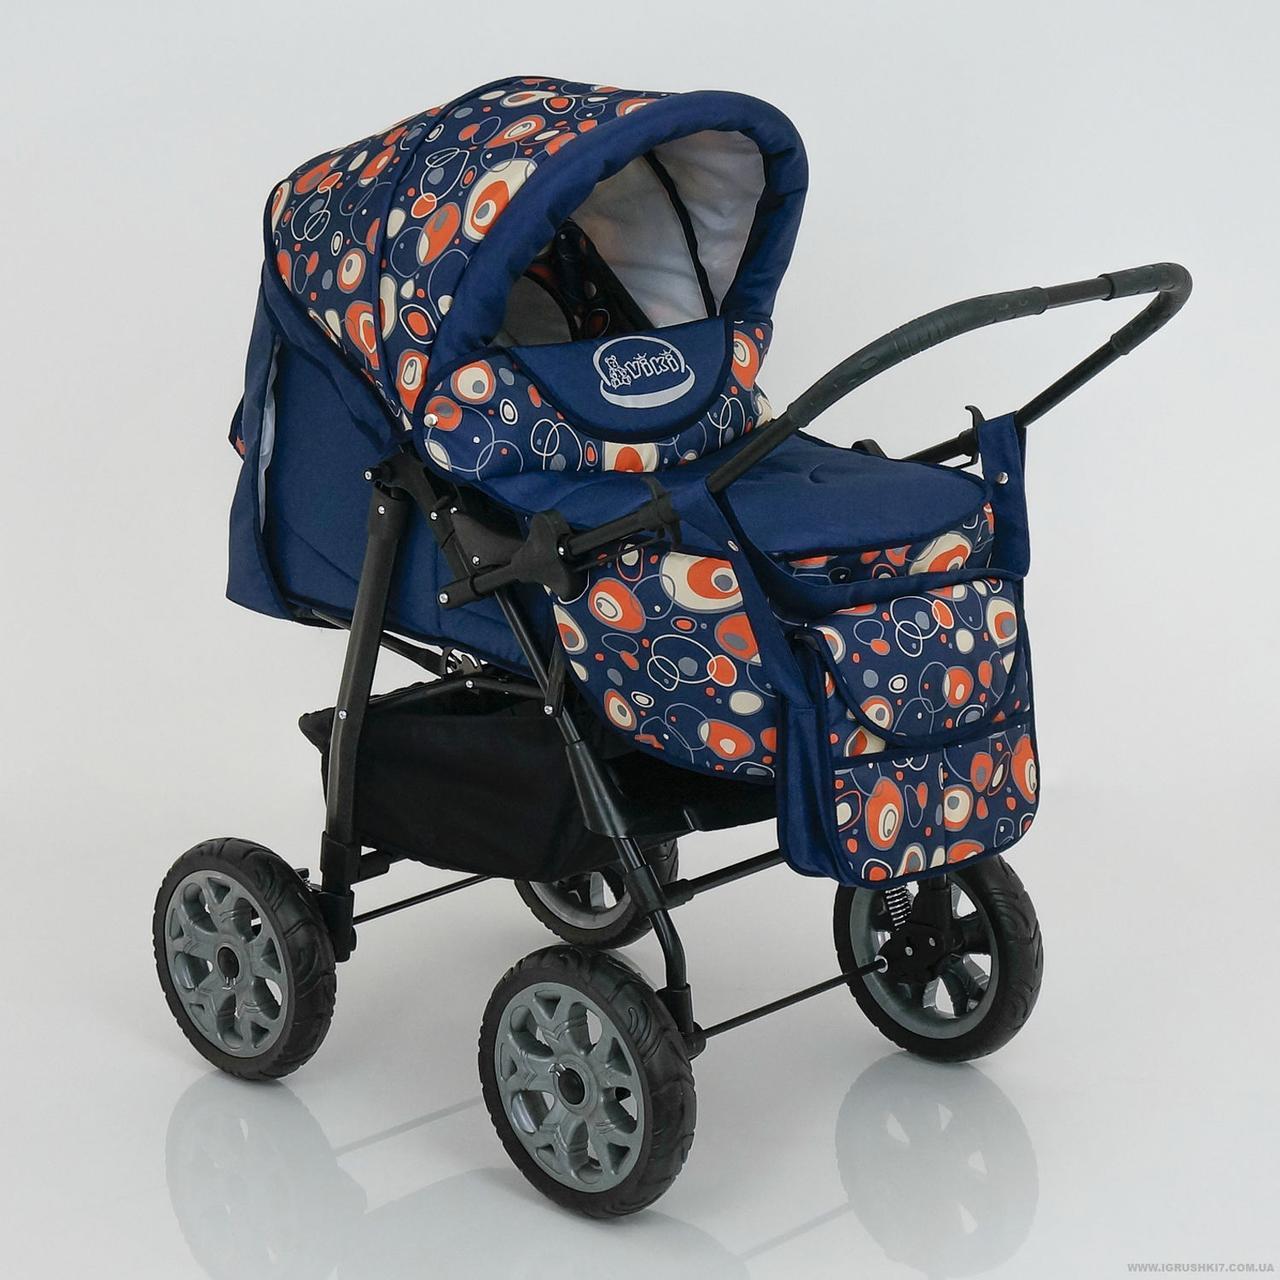 Детская коляска-трансформер Viki 86- C 130 АБСТРАКЦИЯ Гарантия качества Быстрая доставка